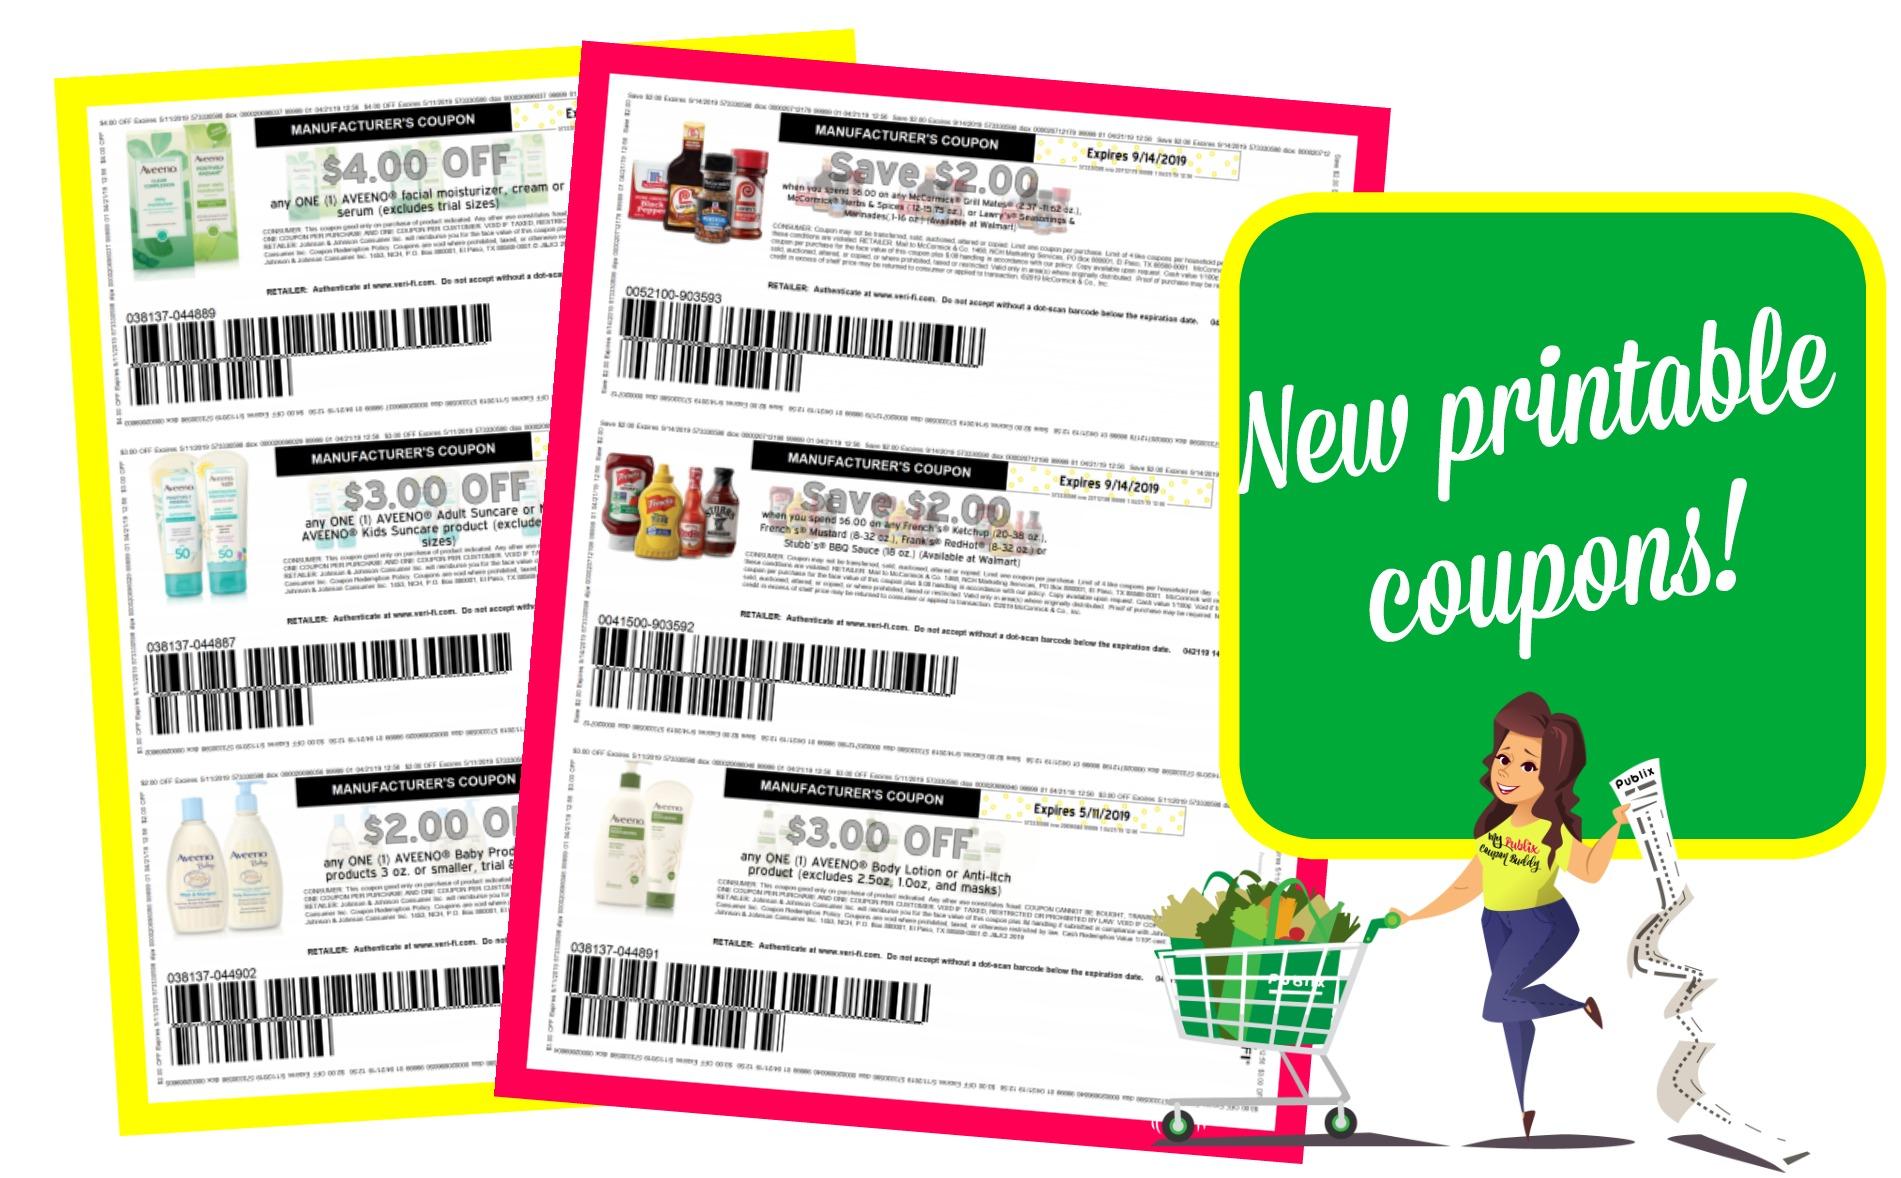 image regarding Aveeno Printable Coupon titled Incredible refreshing printable coupon codes~ McCormick, Aveeno and even further